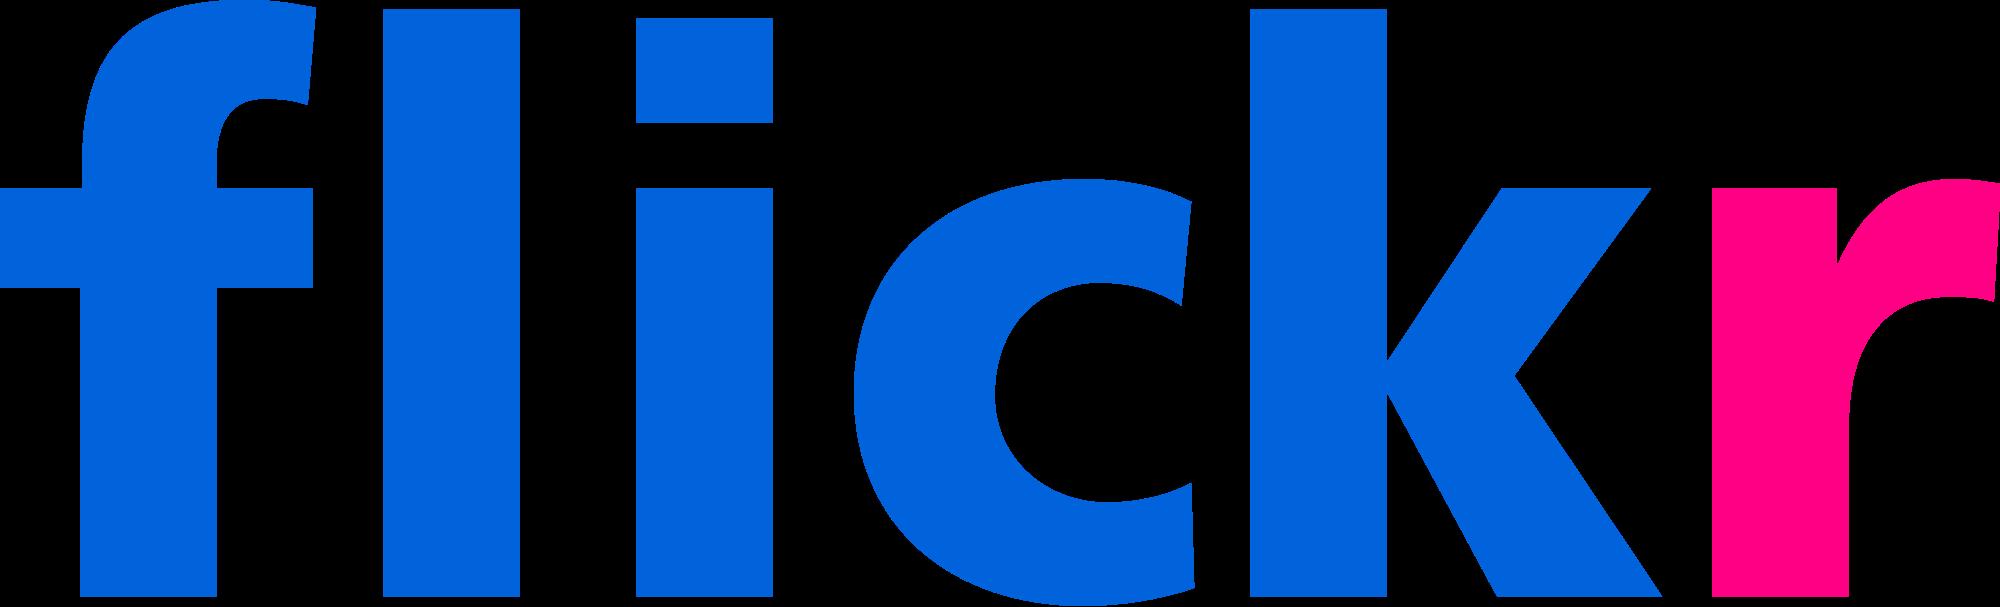 File:Flickr logo.png.